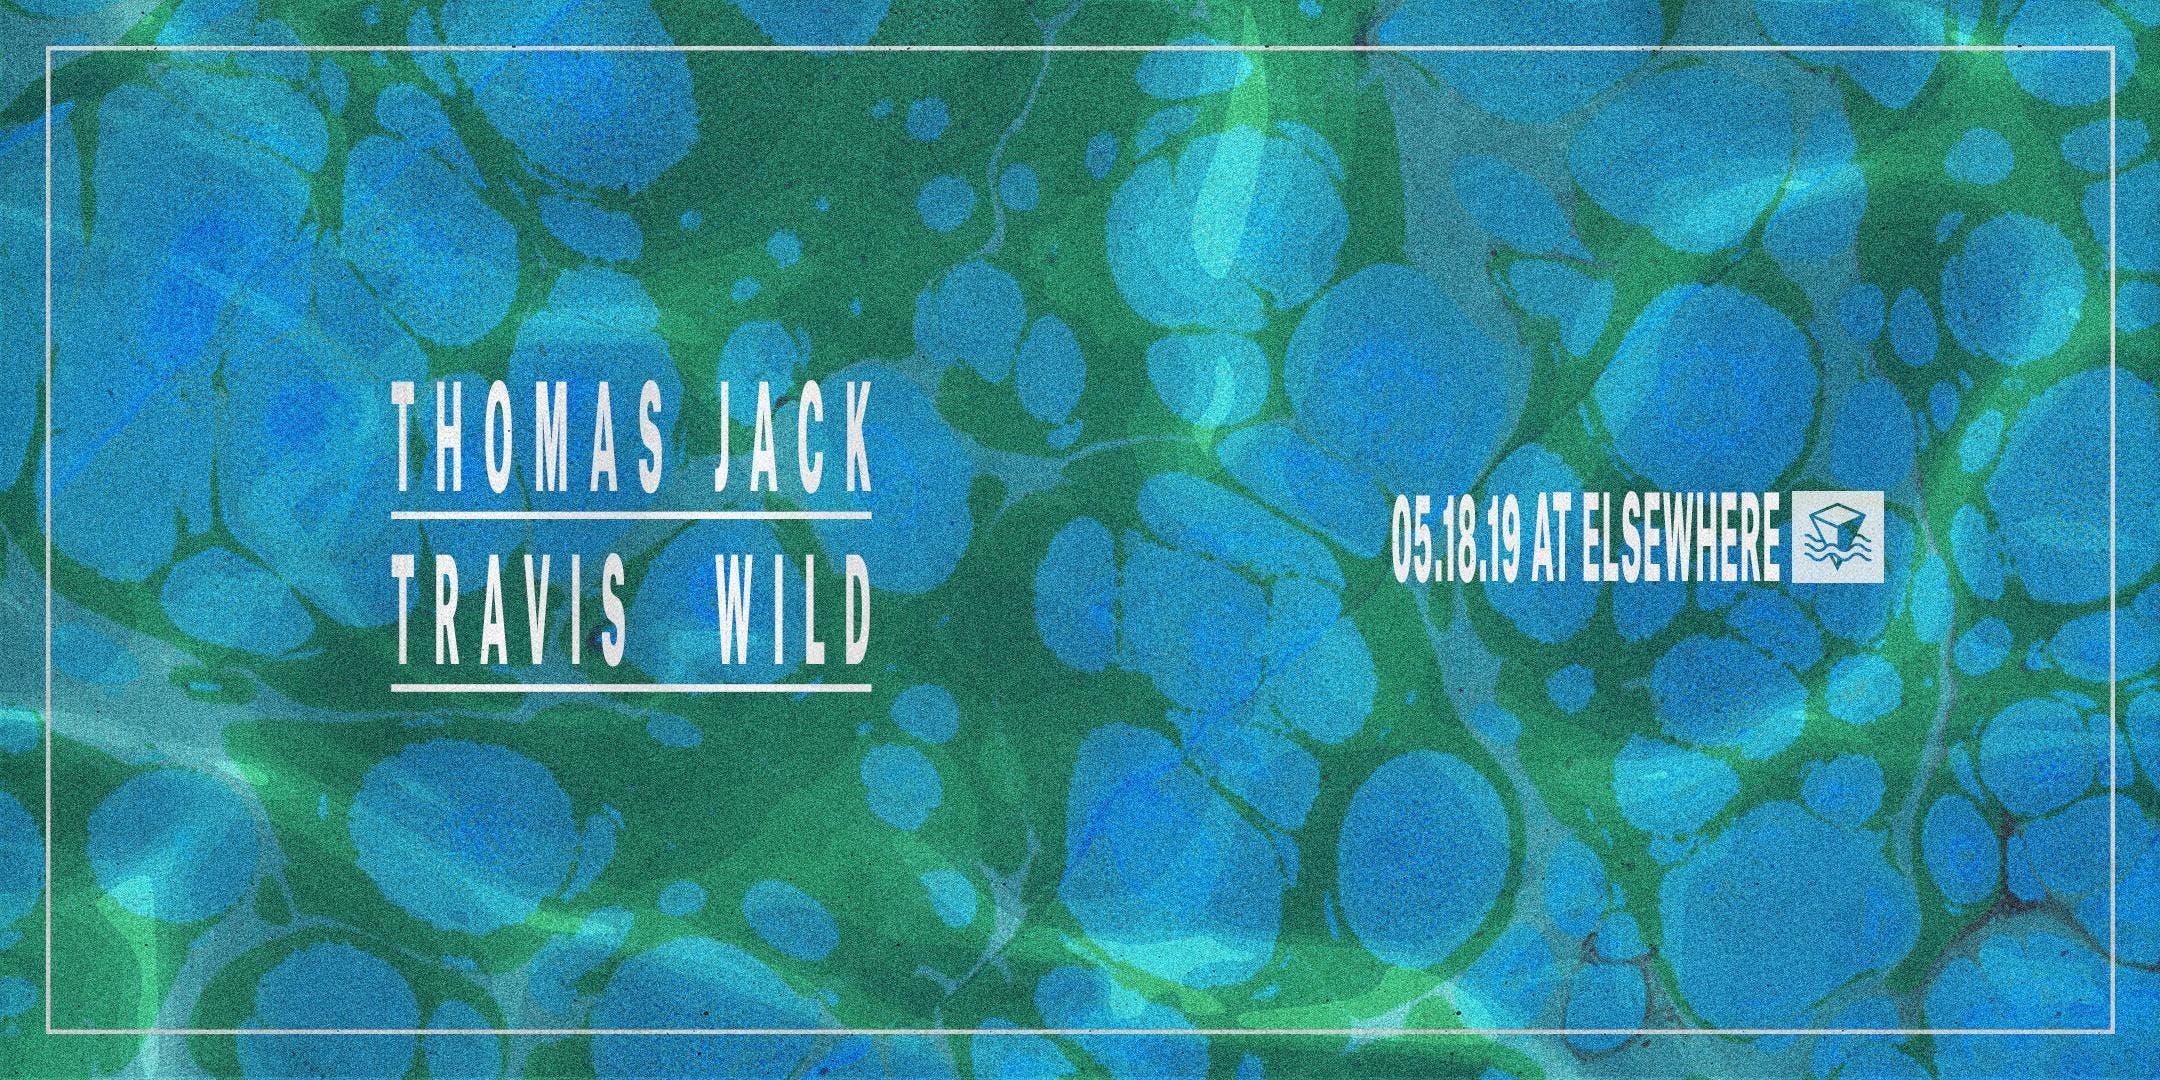 Thomas Jack, Travis Wild